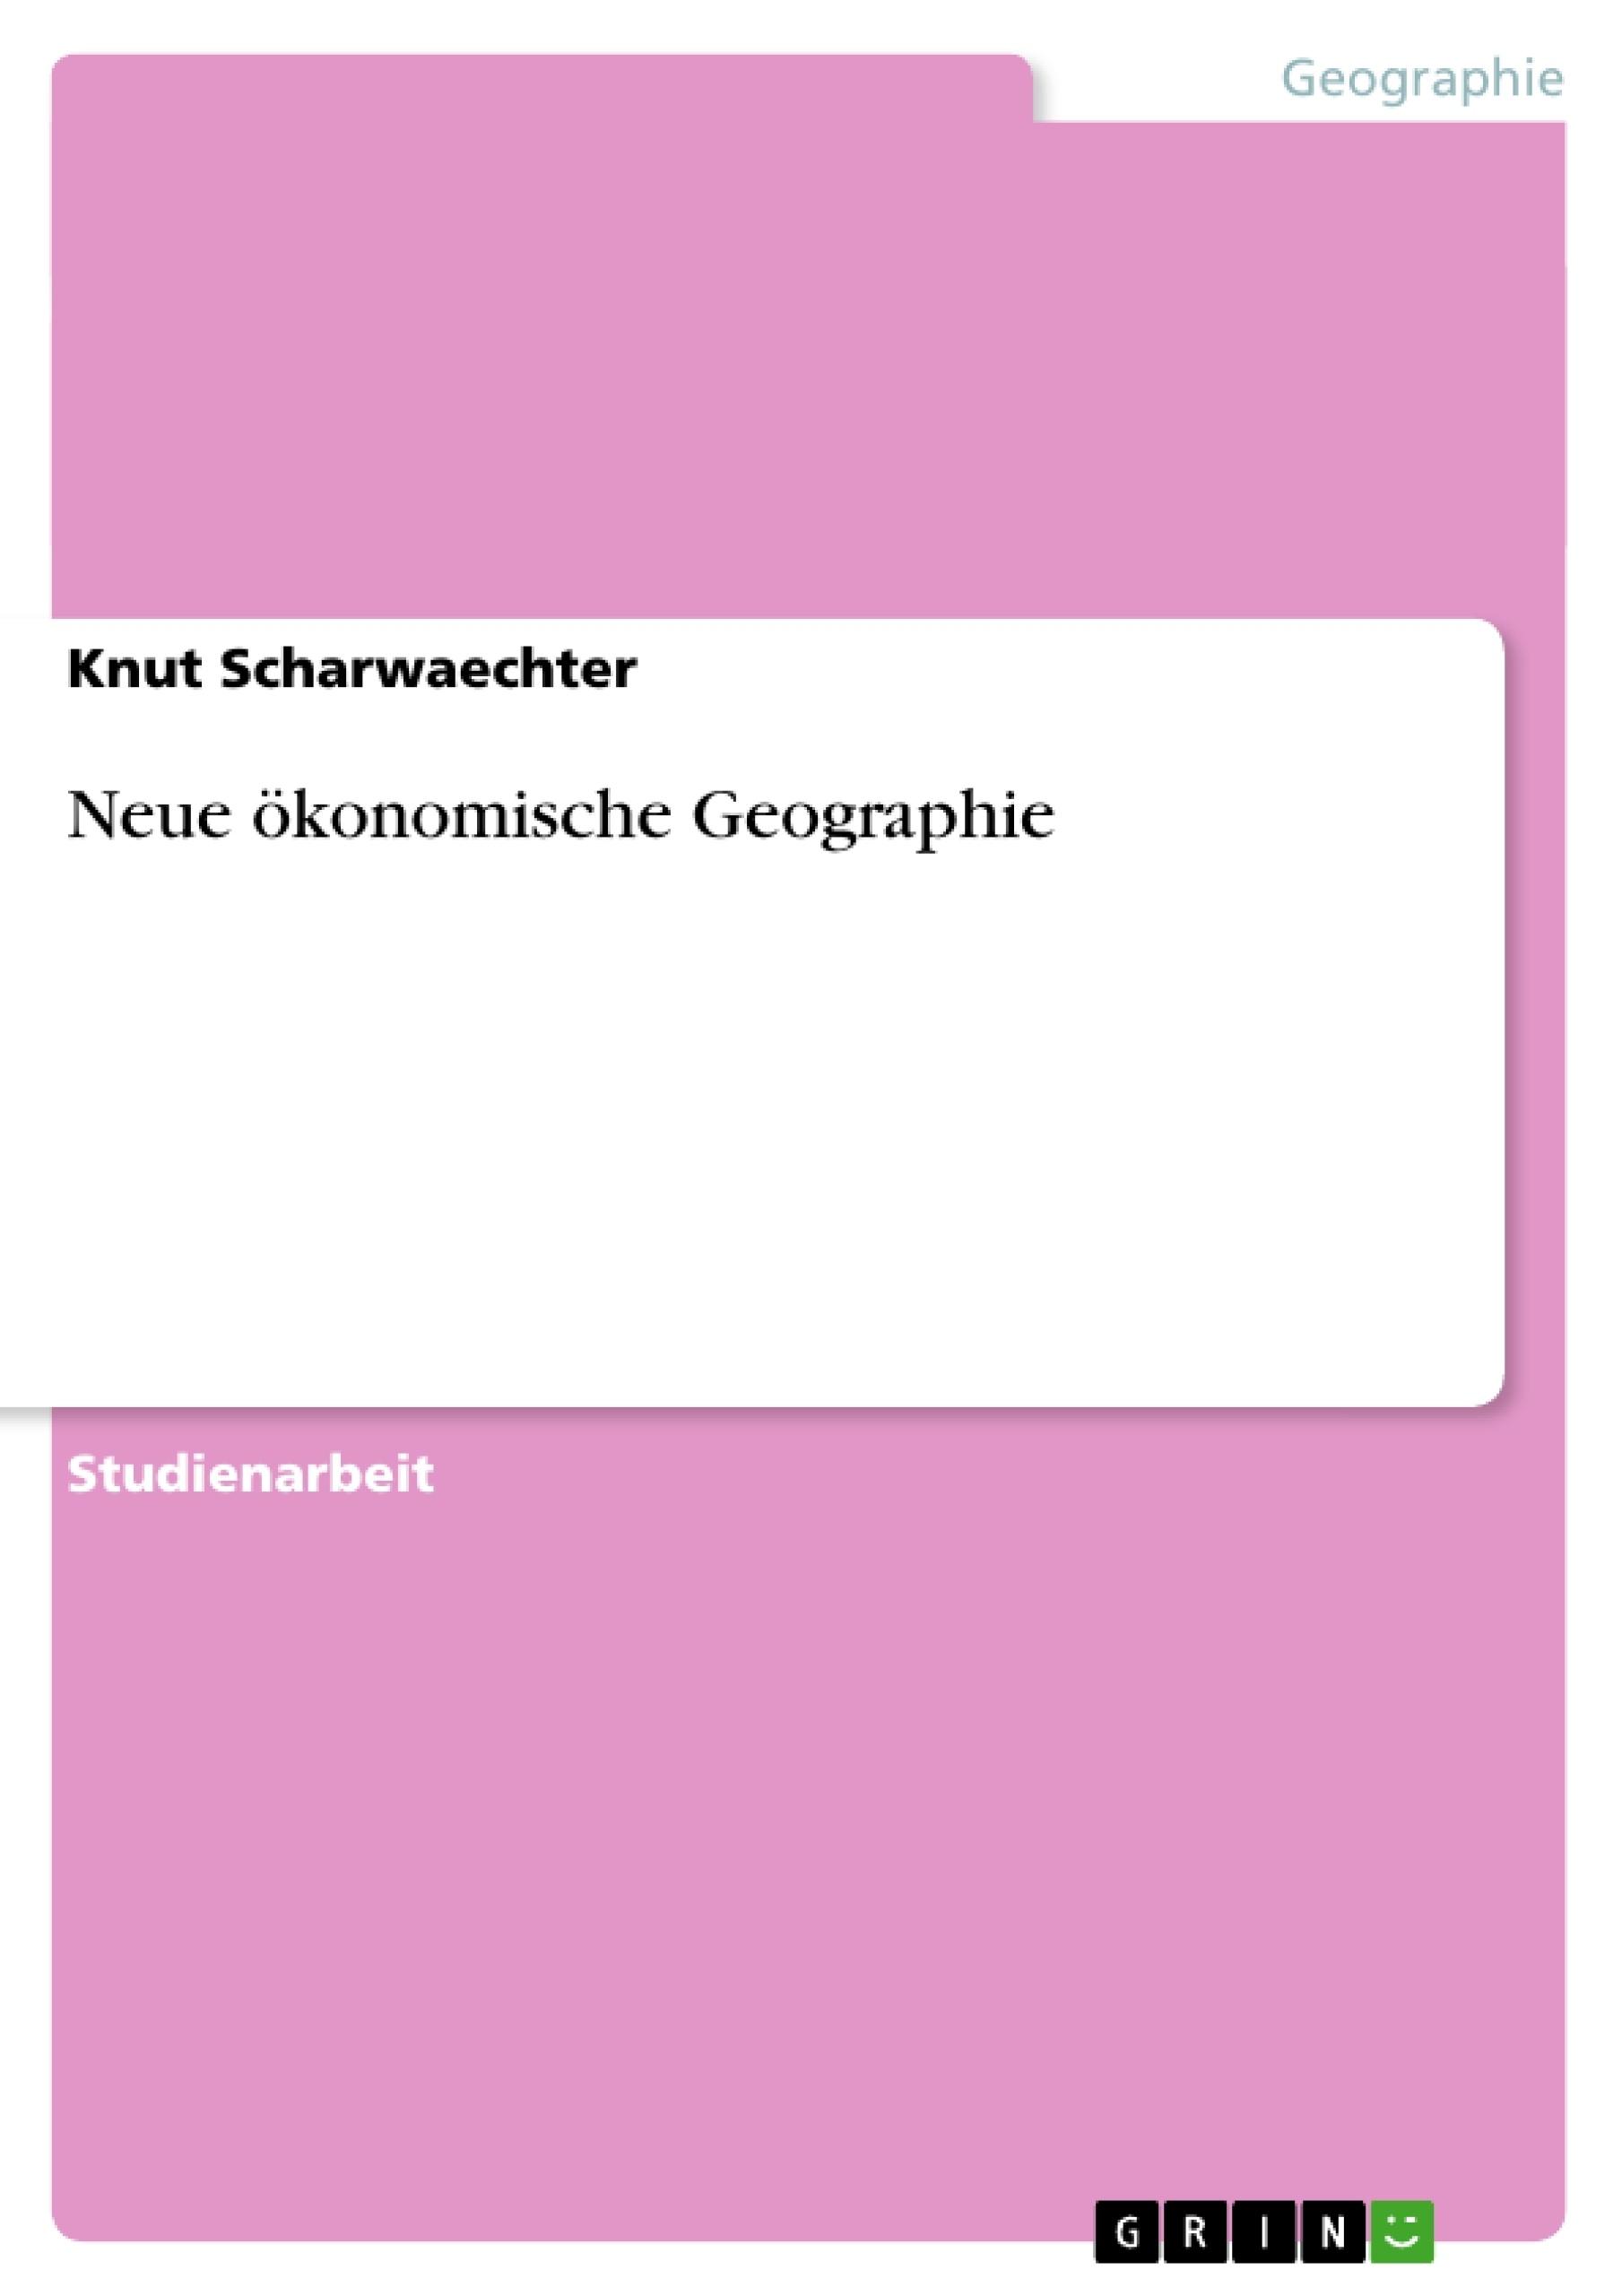 Titel: Neue ökonomische Geographie